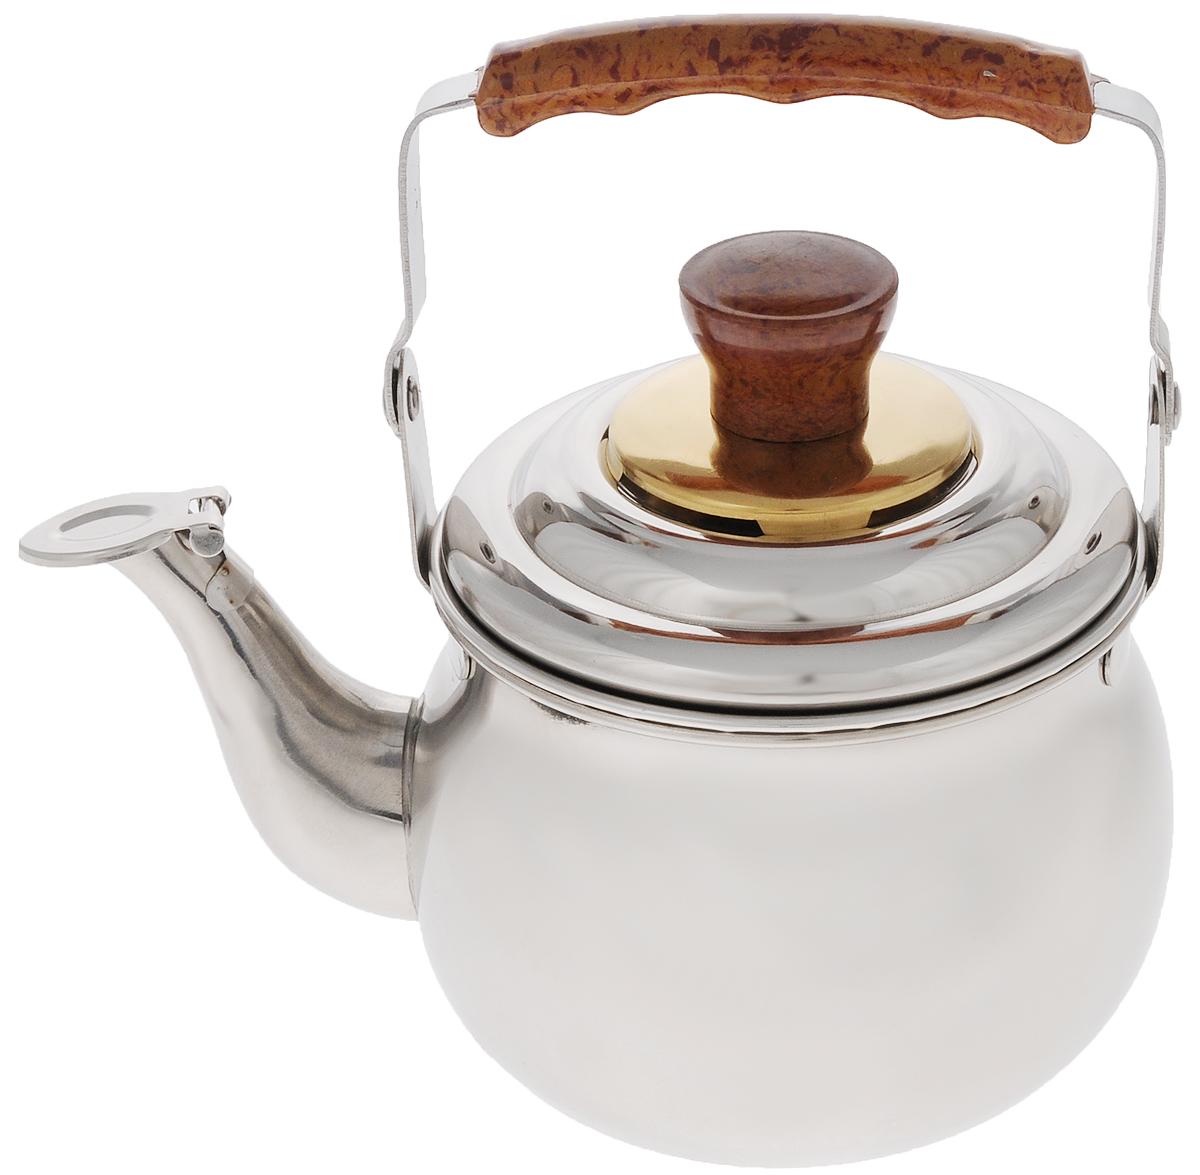 Чайник заварочный Mayer & Boch, со свистком, с фильтром, 700 млVT-1520(SR)Заварочный чайник Mayer & Boch выполнен из высококачественной нержавеющей стали, что обеспечивает долговечность использования. Эргономичная подвижная ручка из бакелита, декорированная под дерево, делает использование чайника очень удобным и безопасным. Чайник снабжен съемным фильтром для чая и свистком, который подскажет, когда вода закипела. В таком чайнике очень удобно готовить заварку прямо на газу. Подходит для использования на электрических, газовых, стеклокерамических плитах. Можно мыть в посудомоечной машине.Диаметр чайника (по верхнему краю): 10,5 см.Высота чайника (без учета ручки и крышки): 8 см.Высота фильтра: 4,5 см. УВАЖАЕМЫЕ КЛИЕНТЫ! Обращаем ваше внимание, что объем чайника измерен по факту, с учетом максимального наполнения до кромки.